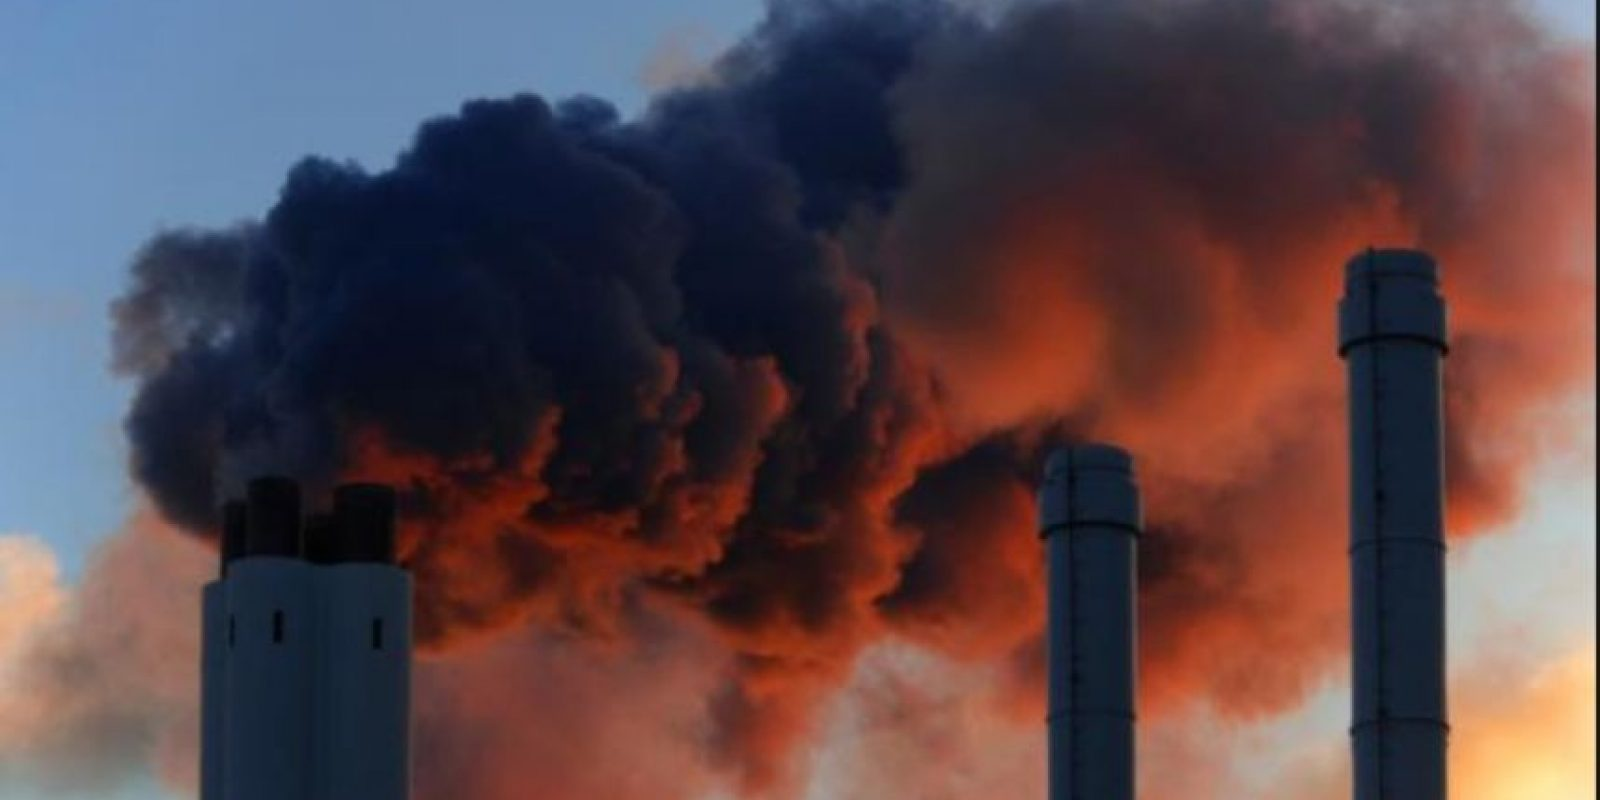 La radiación quemará al mundo. Será un tipo de calentamiento global que acabara con los campos. Foto:batanga.com